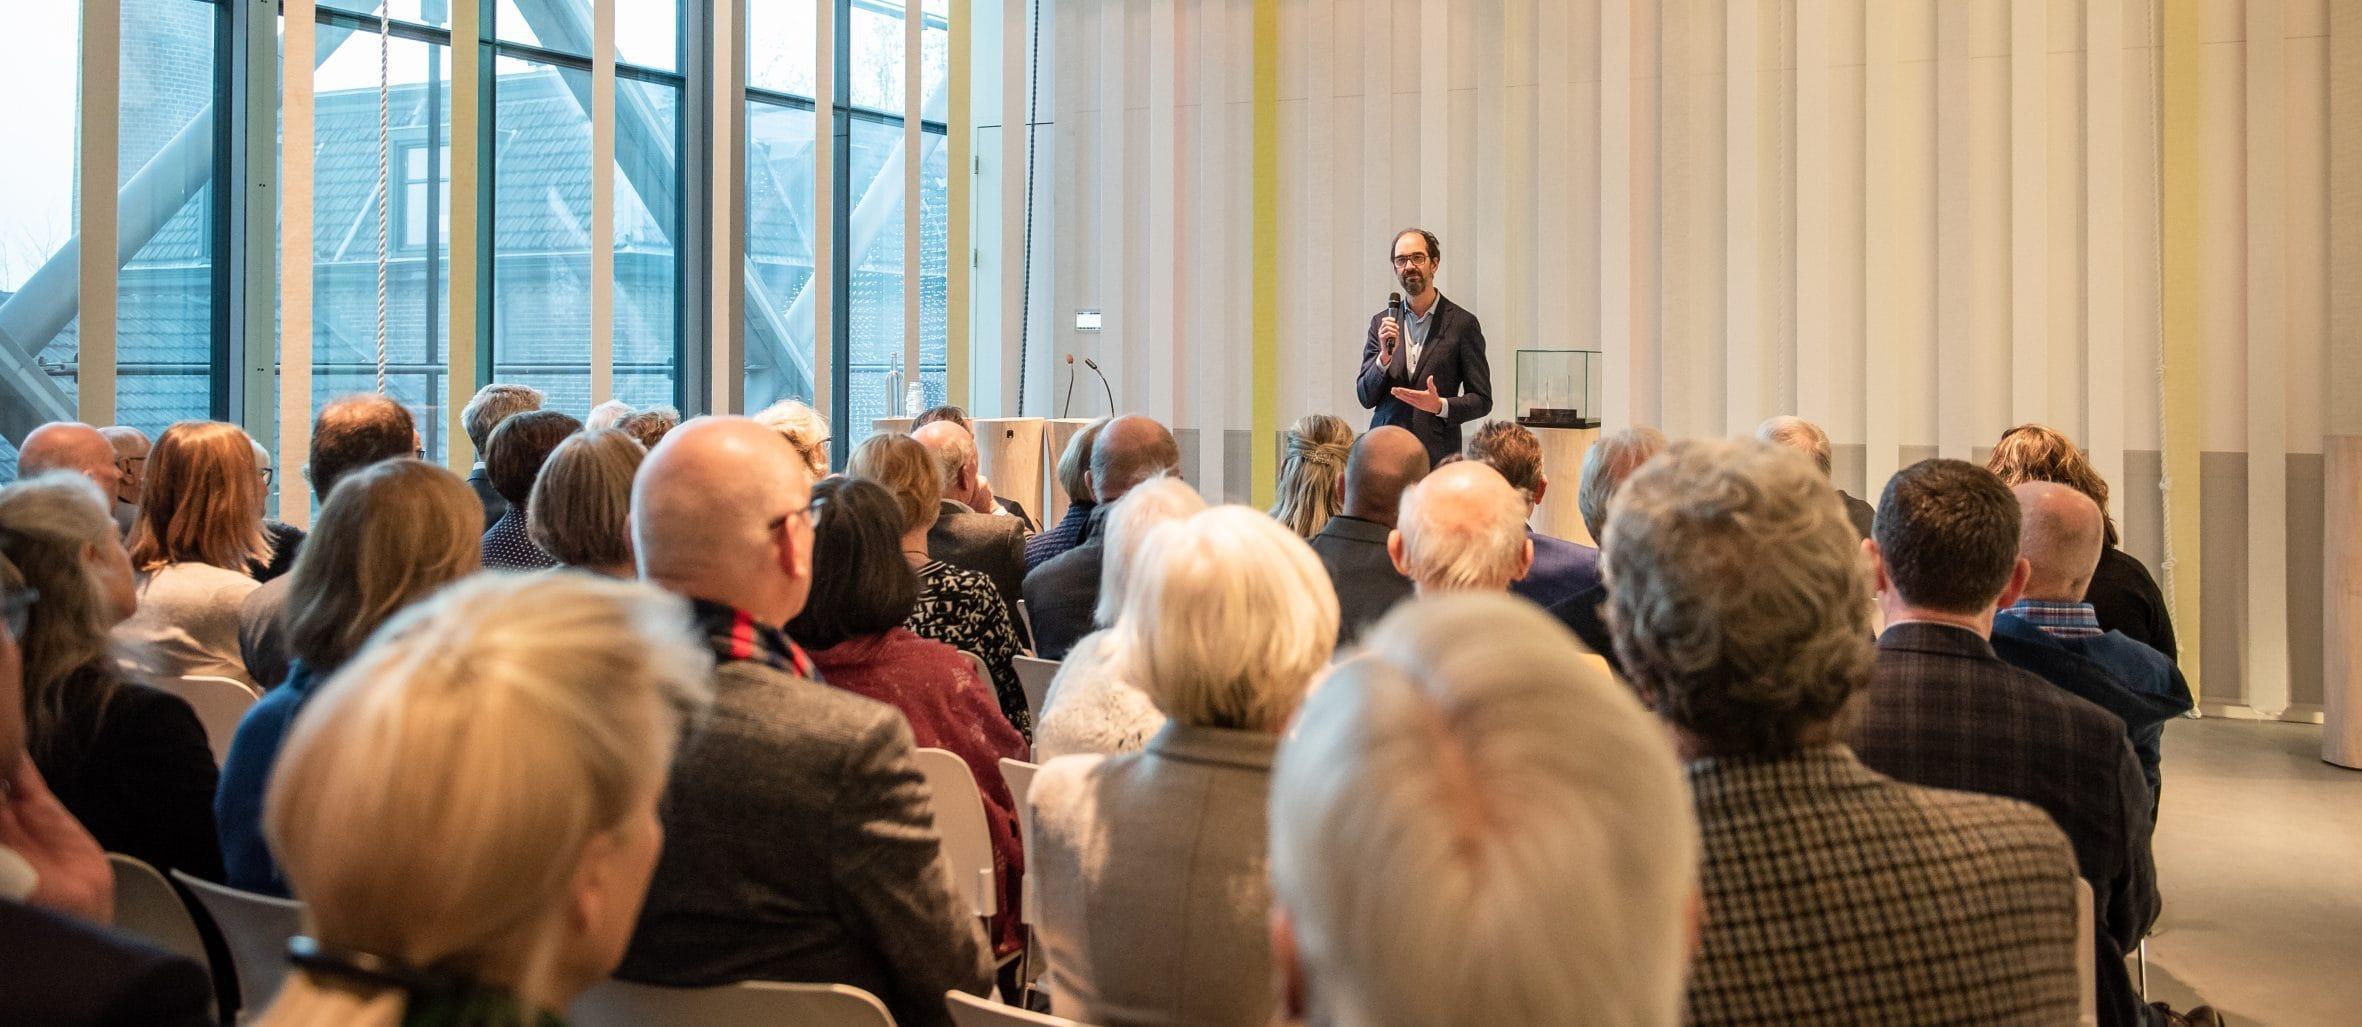 Presentatie in het auditorium. Foto: William van der Voort